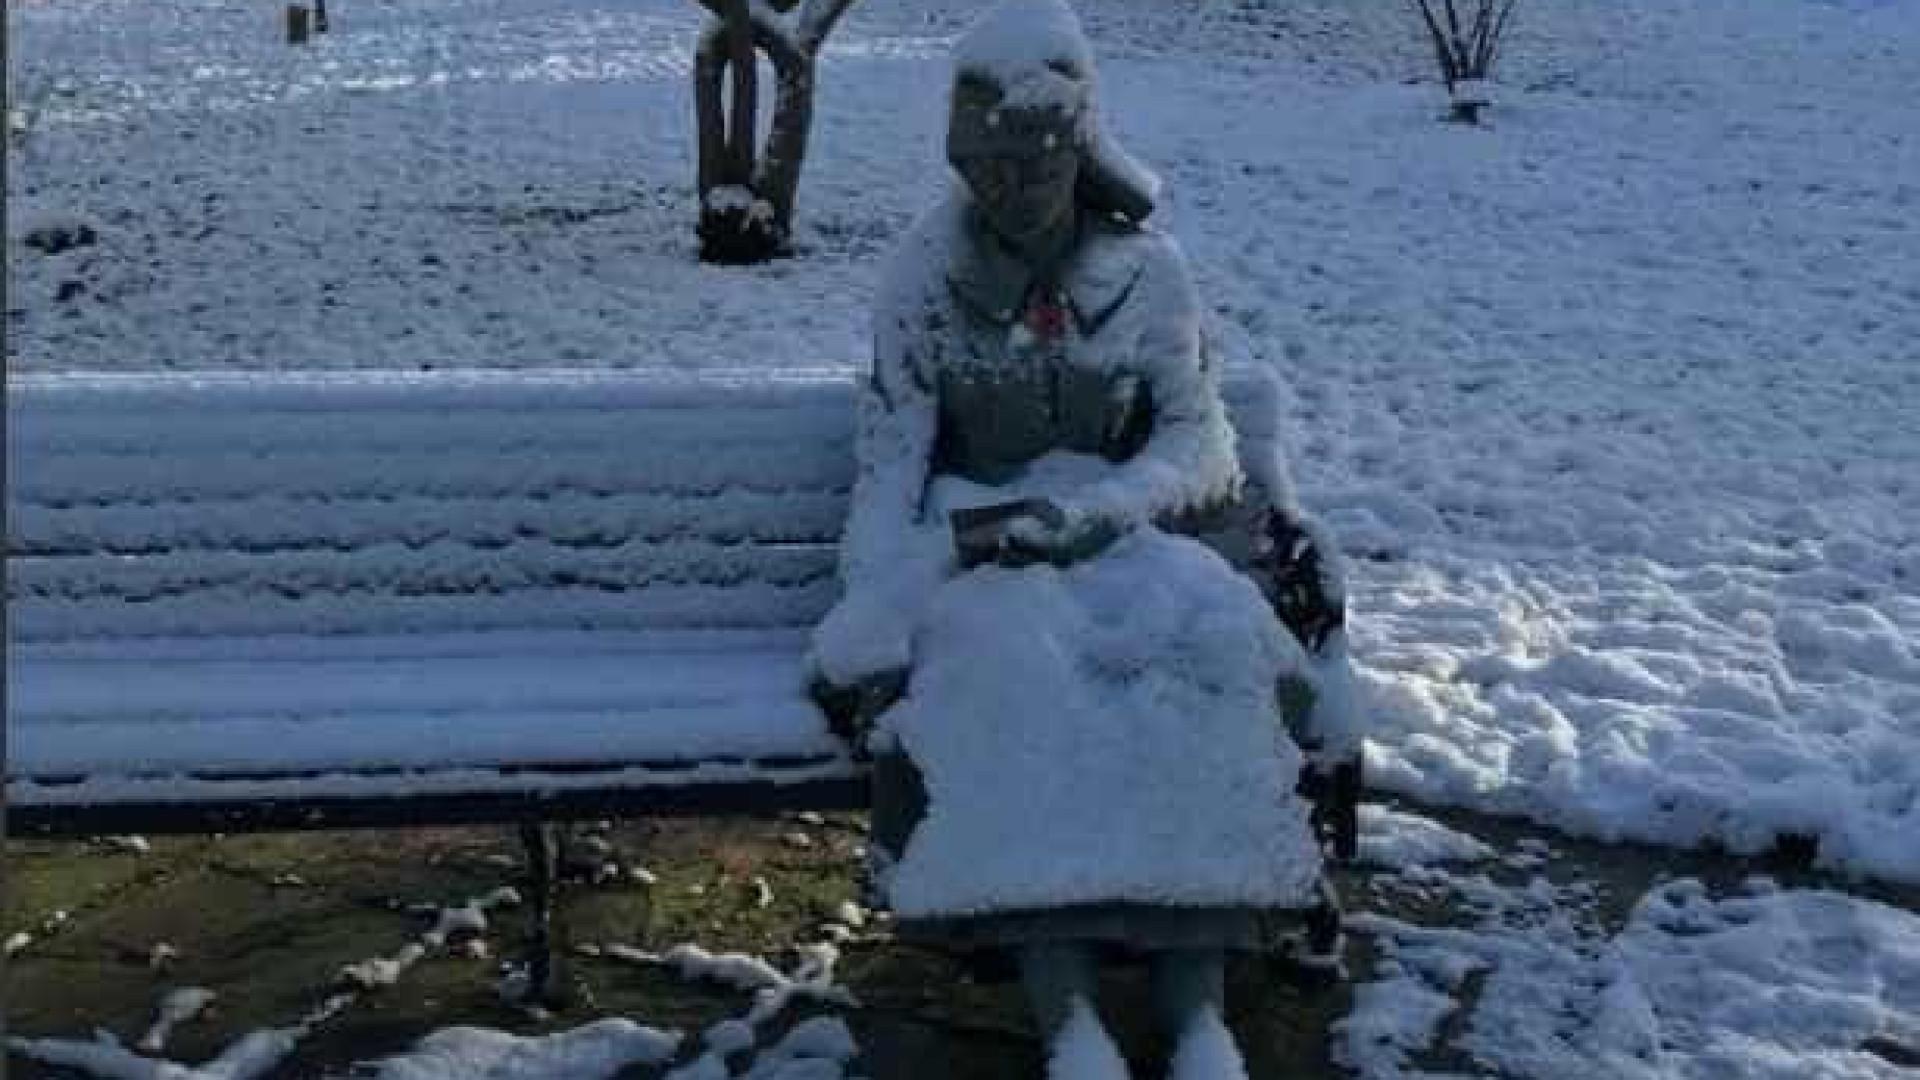 Iam socorrer uma pessoa congelada na neve. Mas não foi o que encontraram